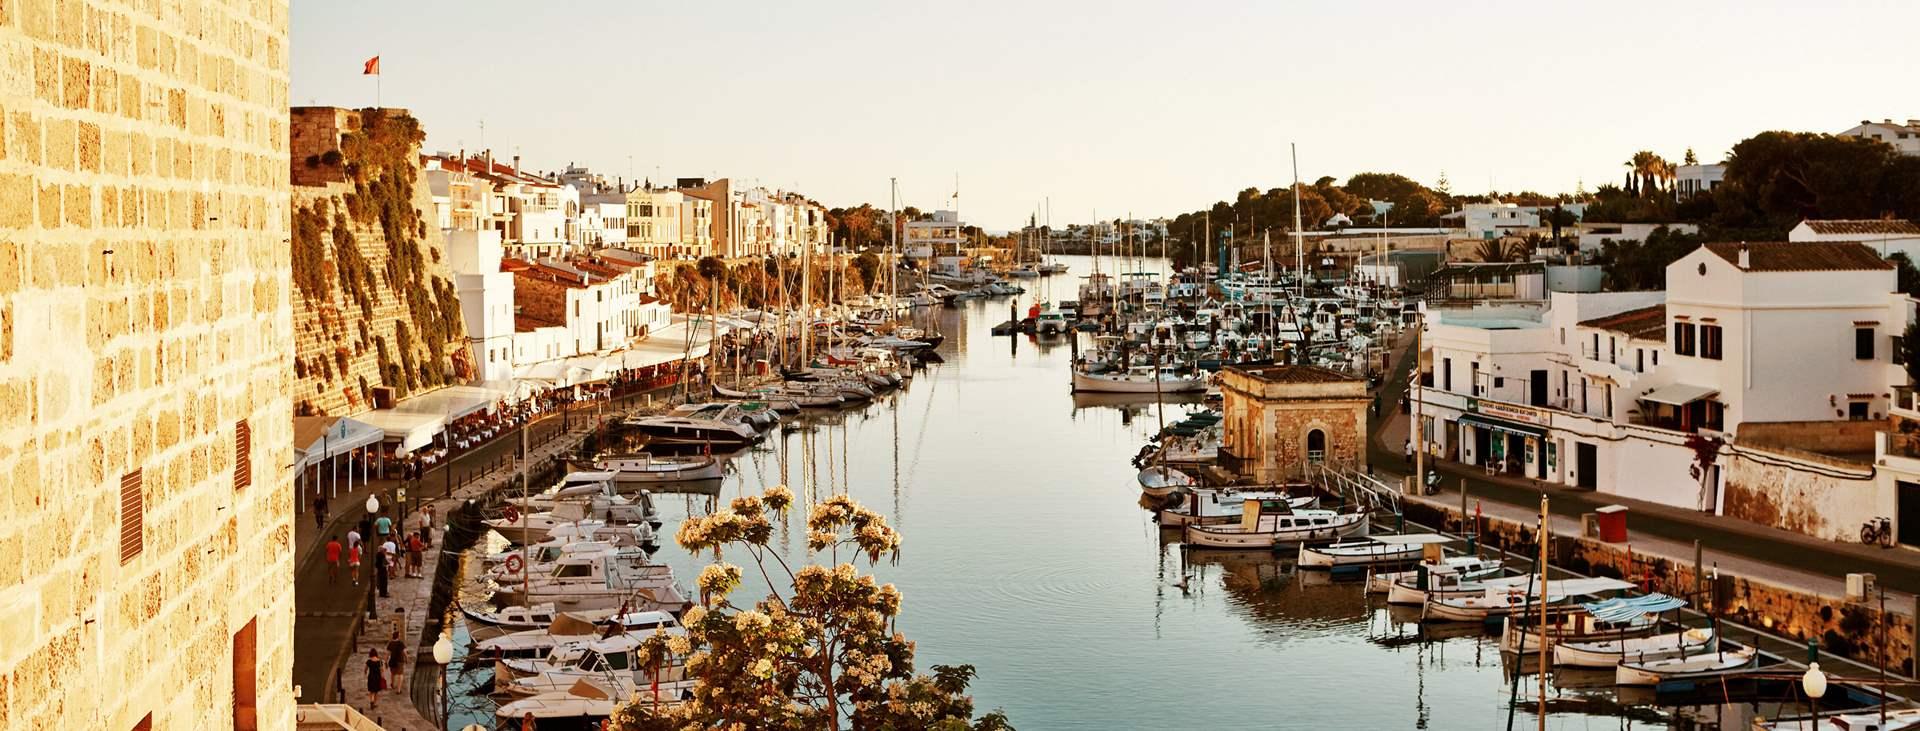 Varaa lomamatkasi Tjäreborgilta Ciutadellaan, Menorcan entiseen pääkaupunkiin